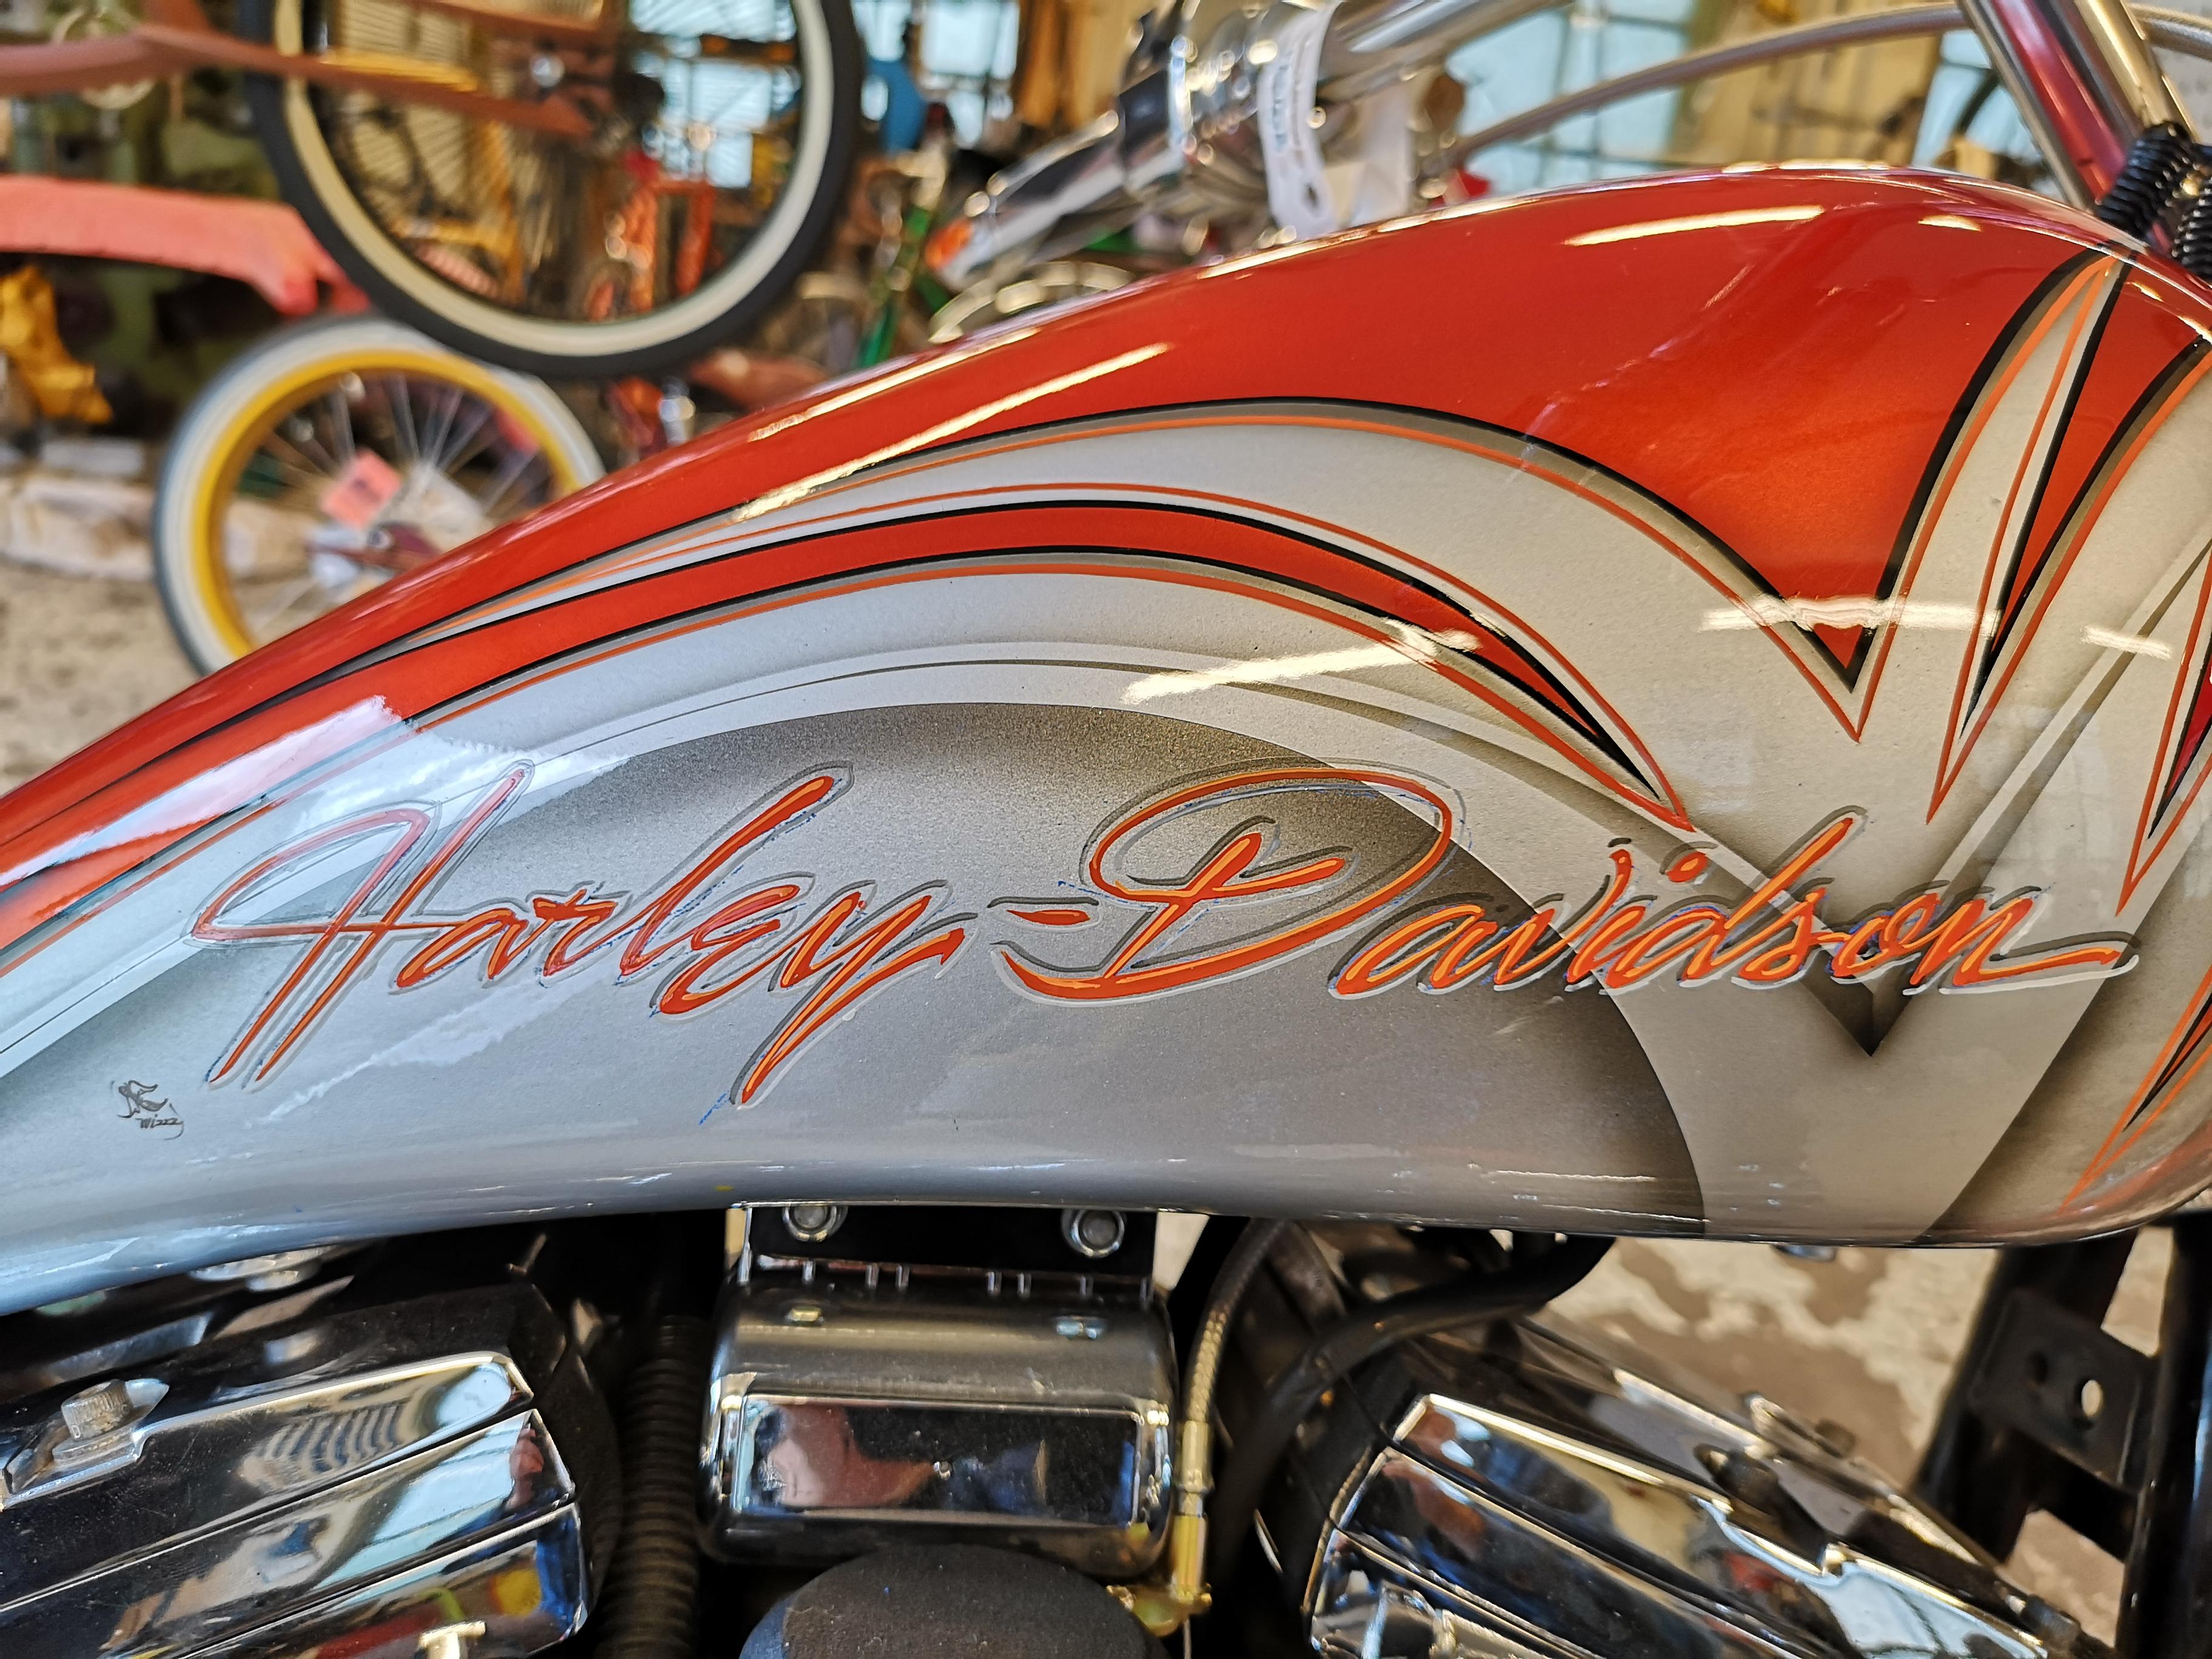 Harley custom tank 3D-lettering